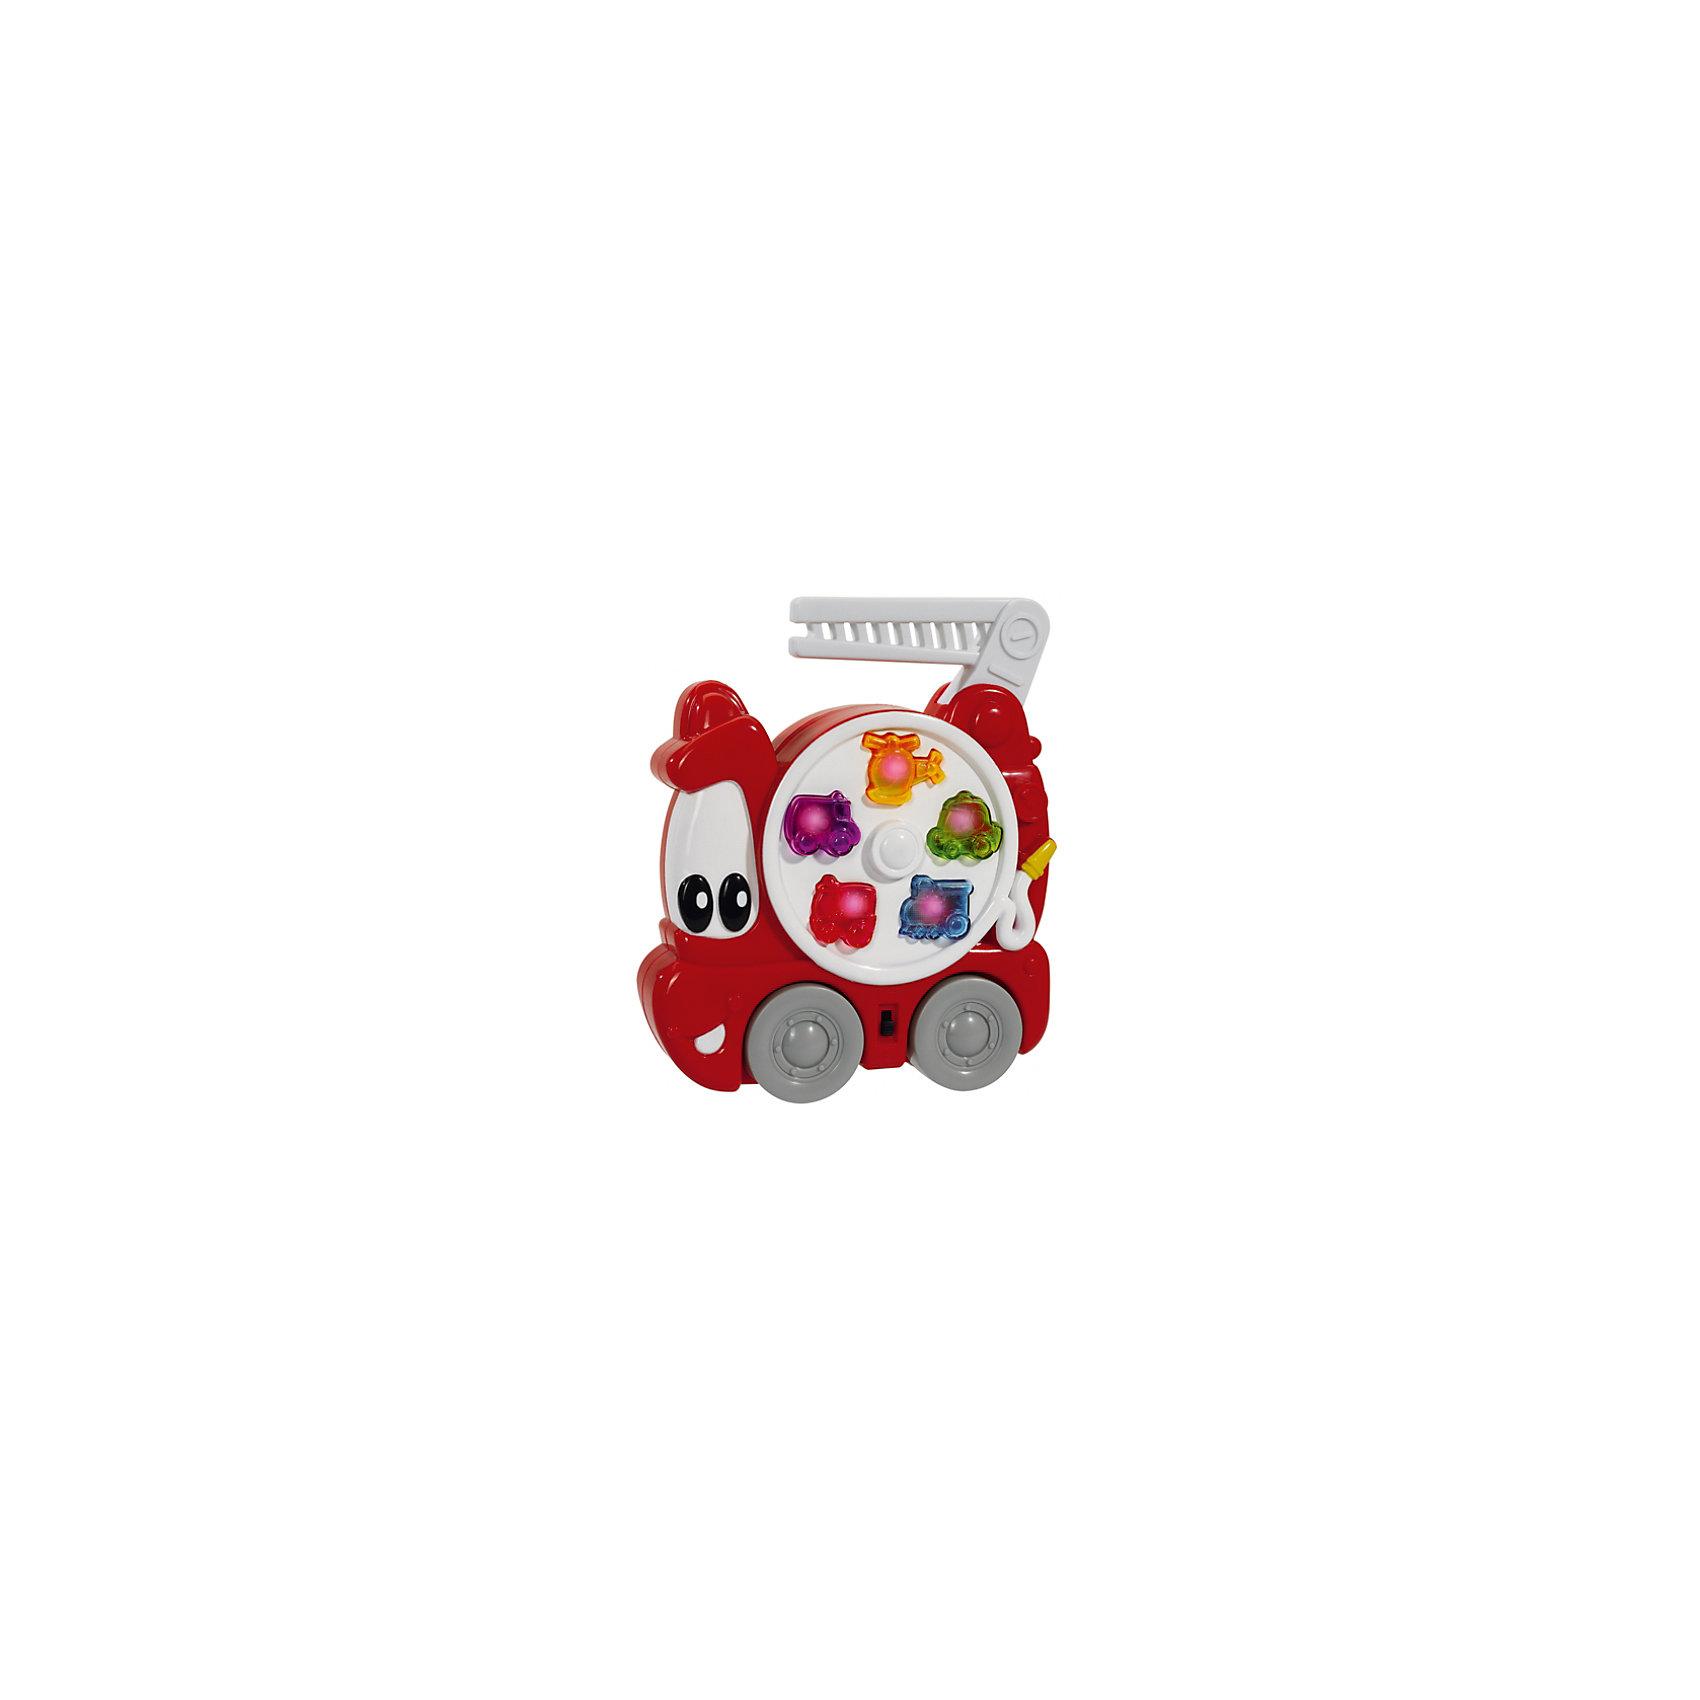 Пожарная машина со светом и звуком, SimbaИнтерактивные игрушки для малышей<br>Пожарная машина со светом и звуком, Simba (Симба) – эта забавная красная пожарная машинка с глазками надолго увлечет вашего малыша.<br>Веселая пожарная машина от немецкой компании Simba (Симба) больше похожа на маленькую зверушку, чем на транспортное средство, благодаря своим большим доверчивым глазкам, заменяющим лобовое стекло, и блестящей улыбки вместо бампера. Один из боков игрушки украшает большой белый диск с пятью разноцветными кнопками, оформленных в виде различной автомобильной техники, при нажатии на которые сами кнопочки загораются, воспроизводя различные мелодии или звуки сирены. У машины есть большие колеса, которые крутятся. Возить игрушку можно только за ручку в виде пожарной лестницы, так как форма машины плоская. При желании ребенок может отключить музыку в пожарном автомобиле, дотронувшись до специального переключателя. Игрушка выполнена в ярких цветах их нетоксичного гипоаллергенного пластика. Играя с пожарной машиной, малыш будет развивать координацию движений, восприятие цветов, форм и звуков.<br><br>Дополнительная информация:<br><br>- Размер игрушки: 19 х 15 см.<br>- Материал: высококачественный пластик<br>- Батарейки: 2 х АА 1.5V (включены в комплект)<br>- Размер упаковки: 23 x 20 x 6 см.<br>- Вес: 315 гр.<br><br>Пожарную машину со светом и звуком, Simba (Симба) можно купить в нашем интернет-магазине.<br><br>Ширина мм: 220<br>Глубина мм: 53<br>Высота мм: 196<br>Вес г: 318<br>Возраст от месяцев: 12<br>Возраст до месяцев: 36<br>Пол: Мужской<br>Возраст: Детский<br>SKU: 2246335